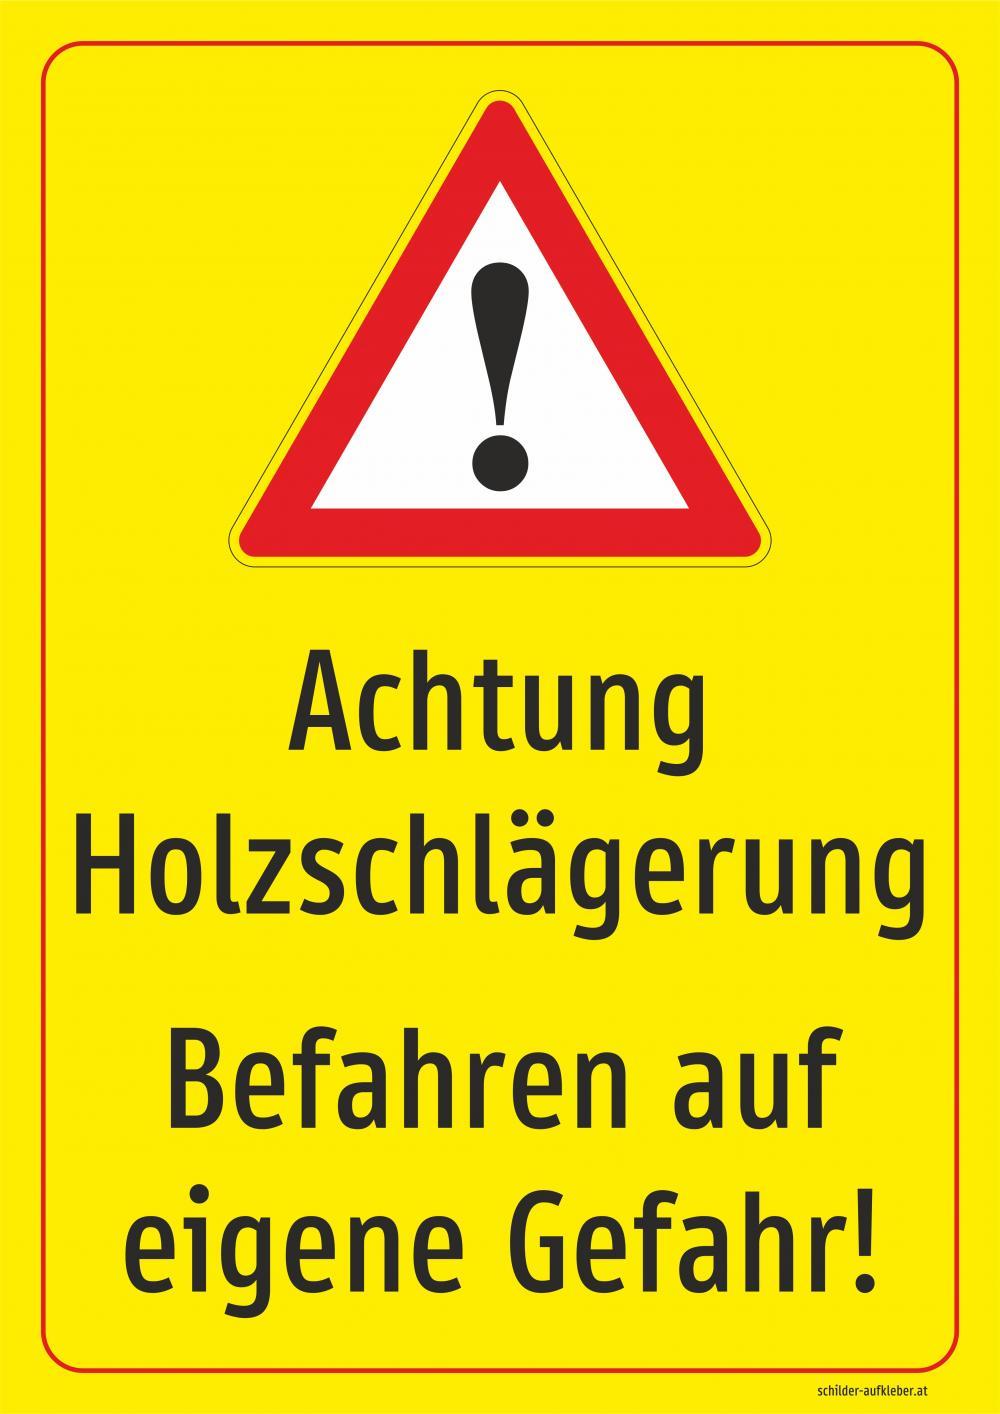 Achtung Holzschlägerung! Befahren auf eigene Gefahr!